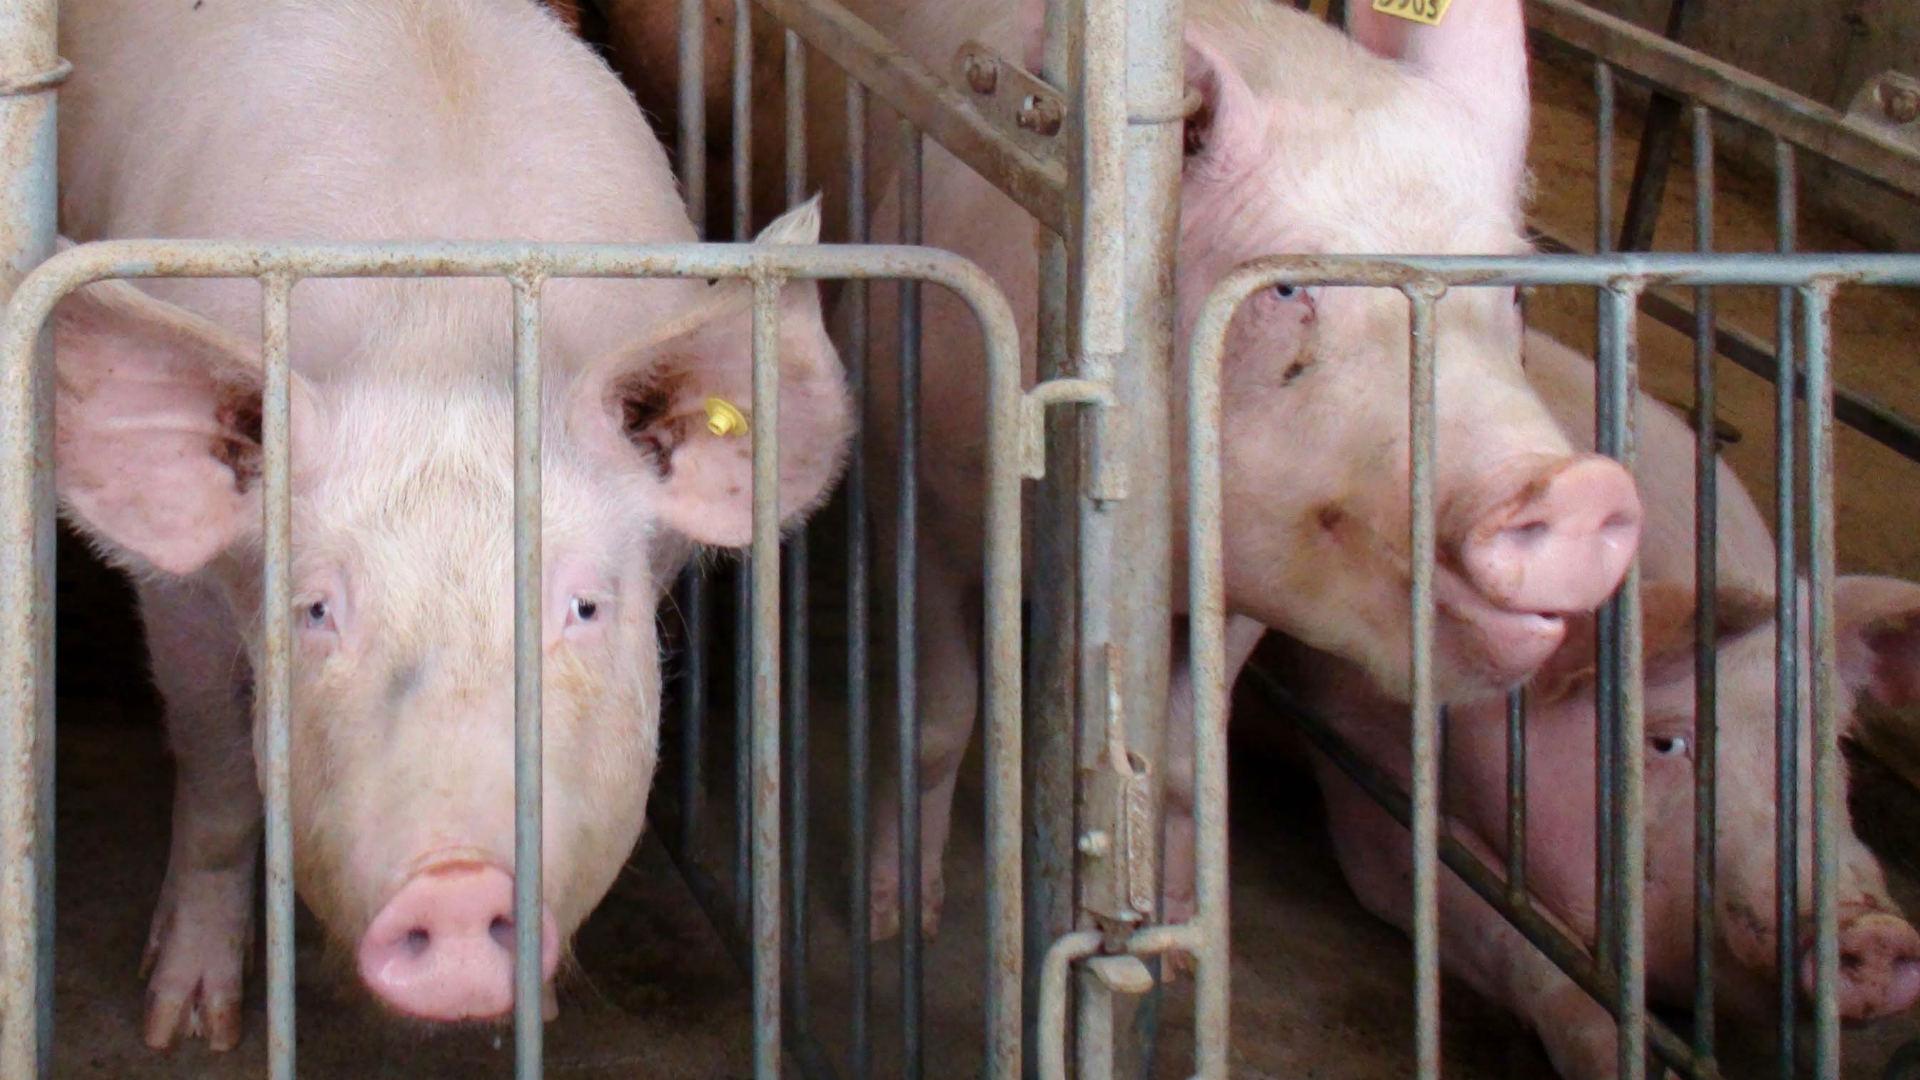 грустные свиньи в клетках. невинность вегетарианцев